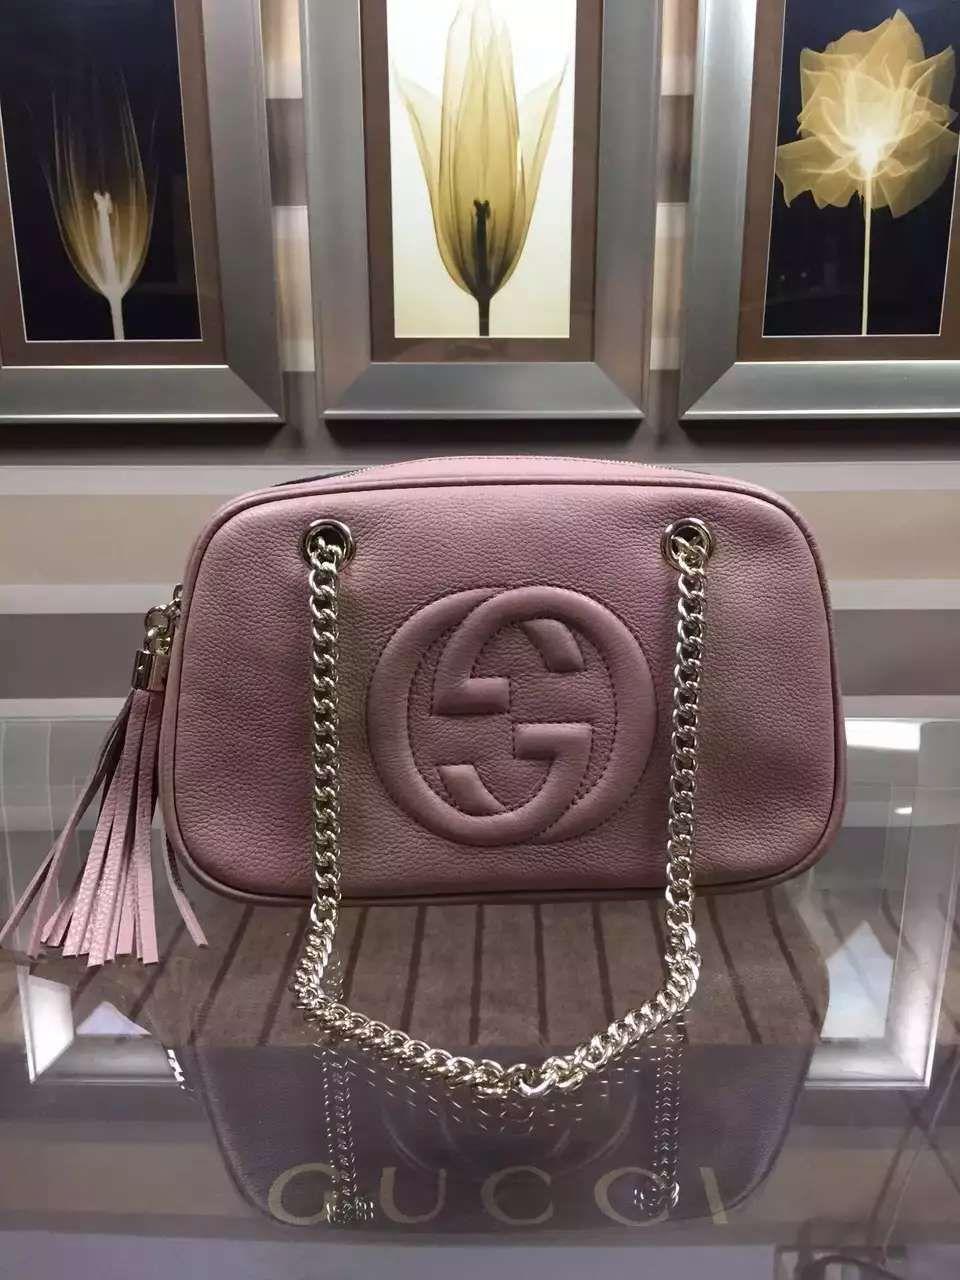 48dccf10e9b1 gucci Bag